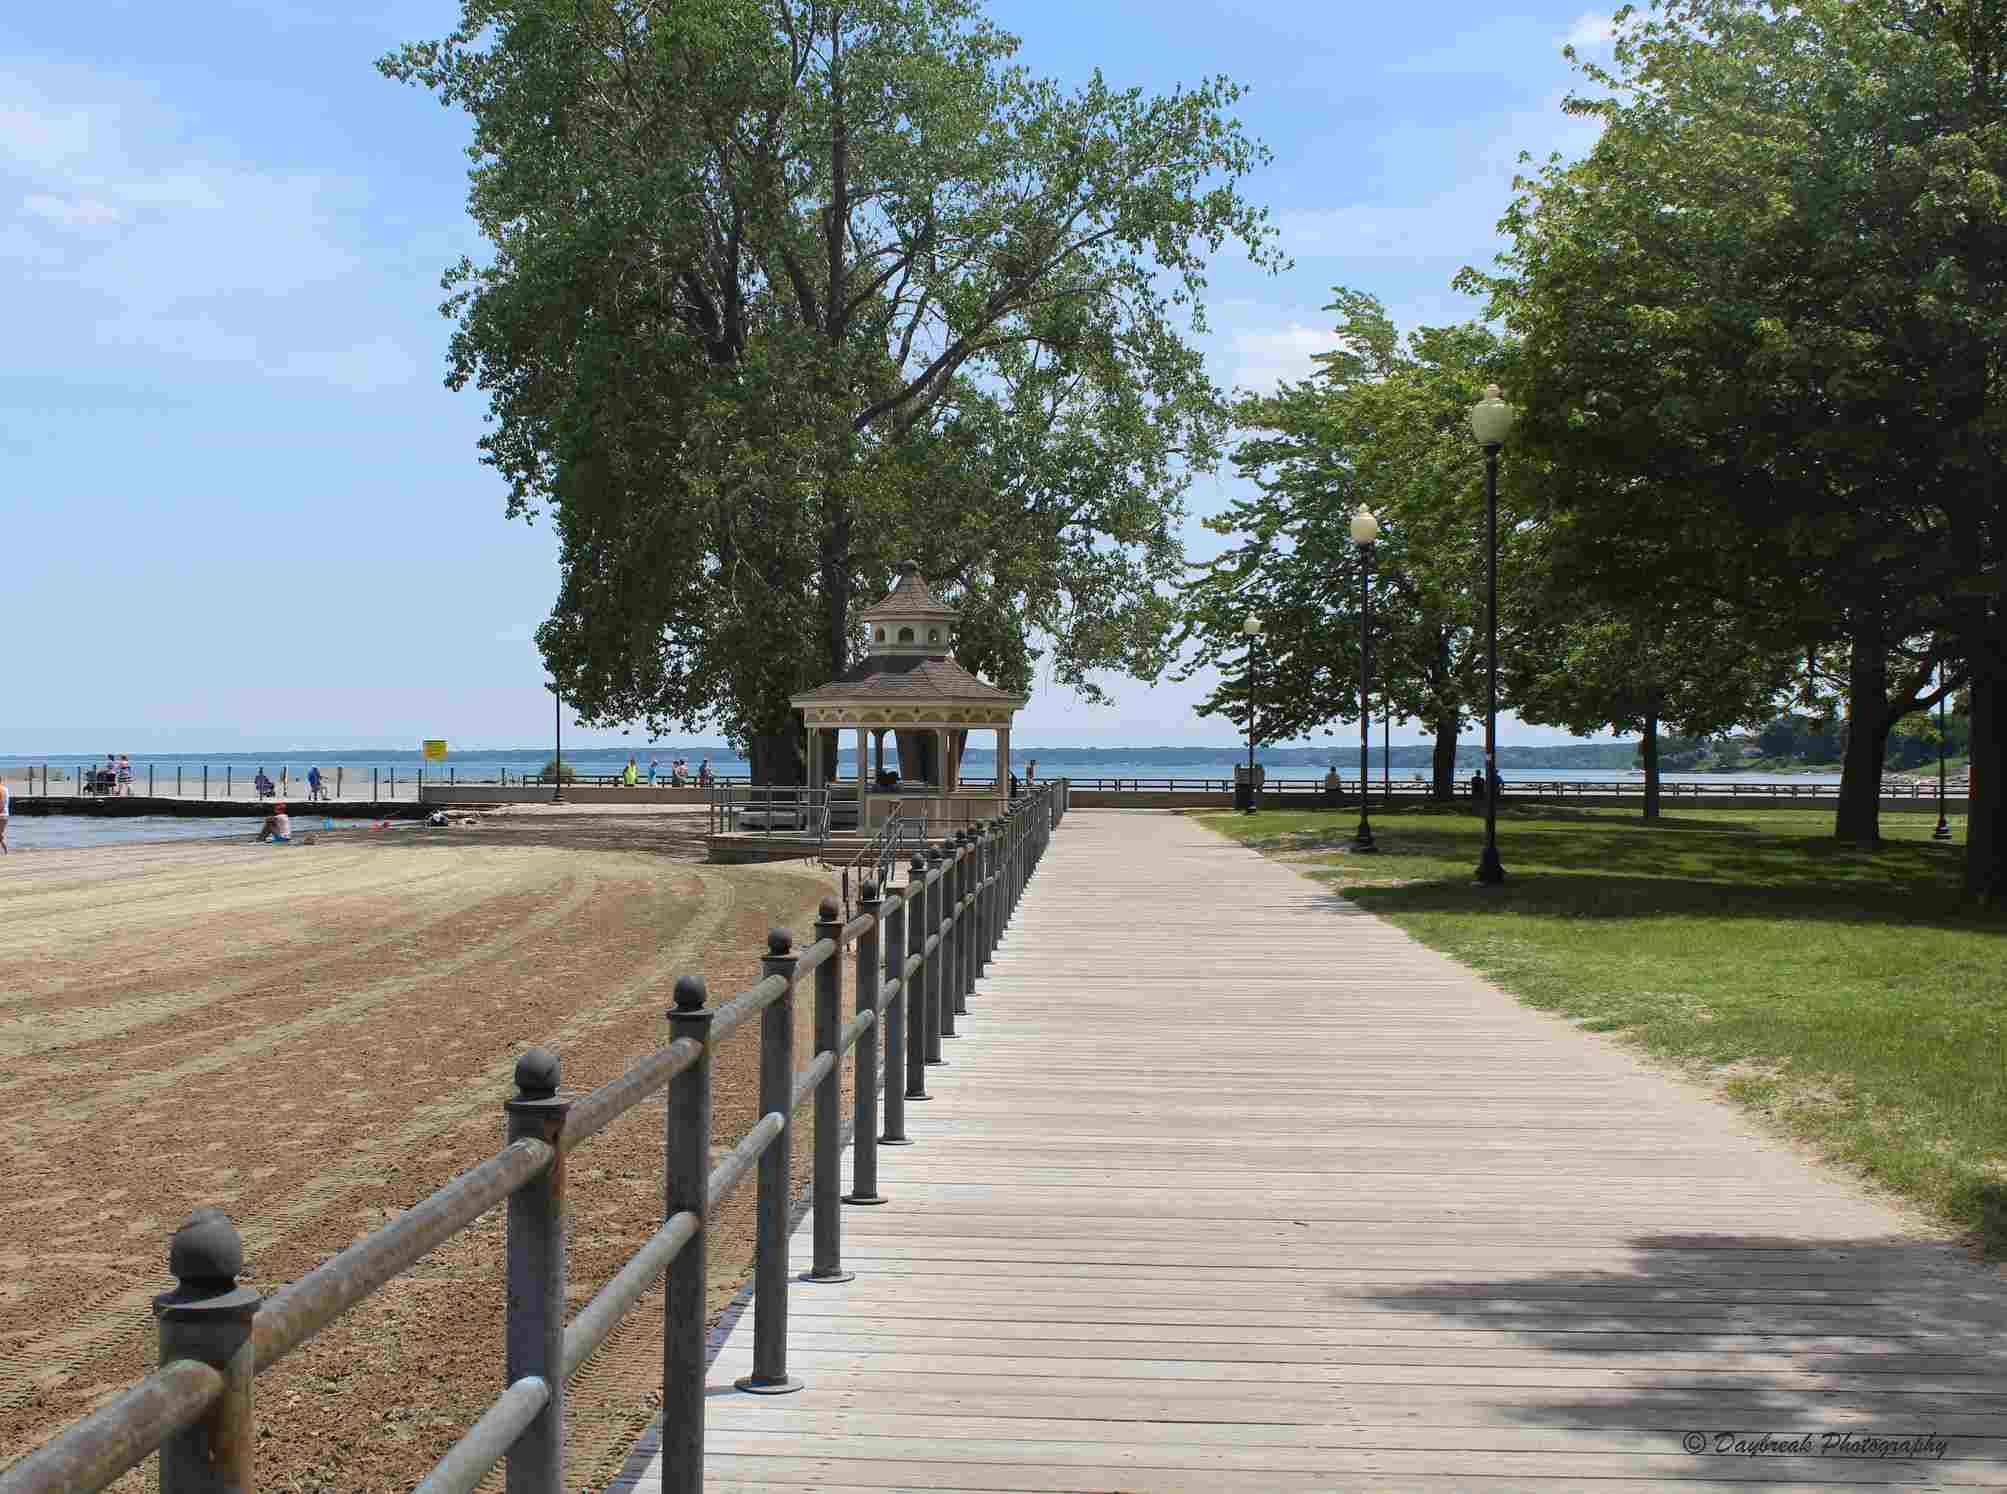 Ontario Beach Park in Rochester, NY